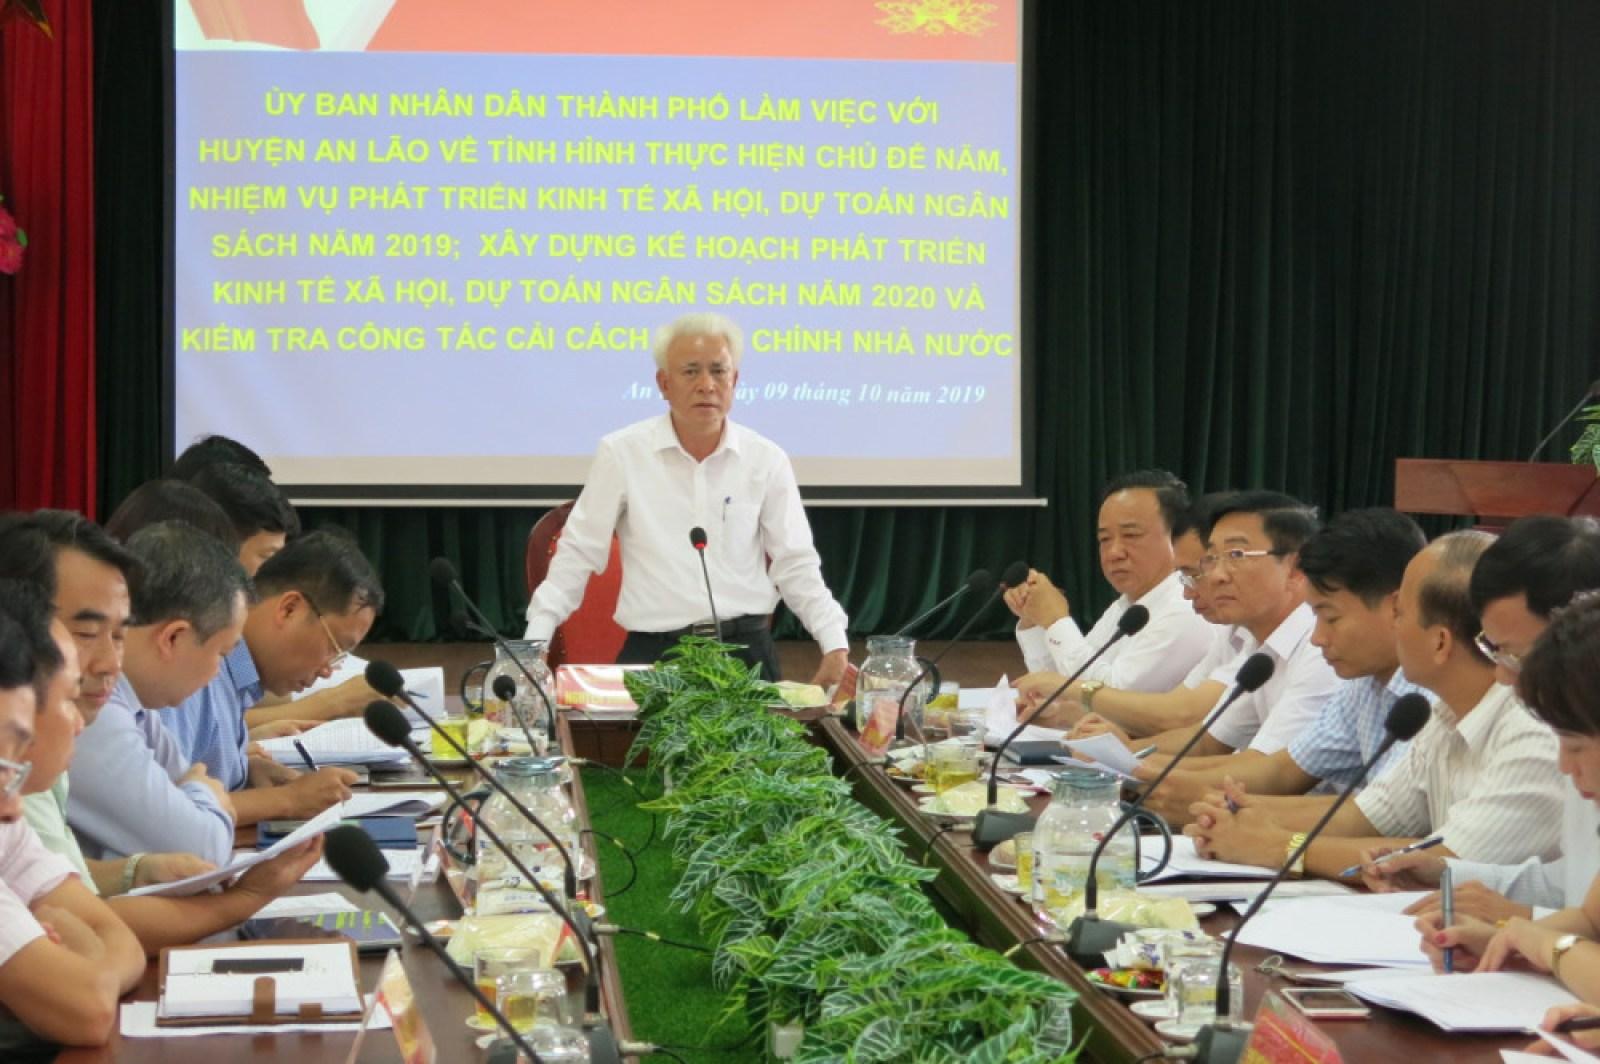 Phó Chủ tịch UBND TP Nguyễn Đình Chuyến yêu cầu huyện An Lão tập trung cao thu ngân sách những tháng cuối năm